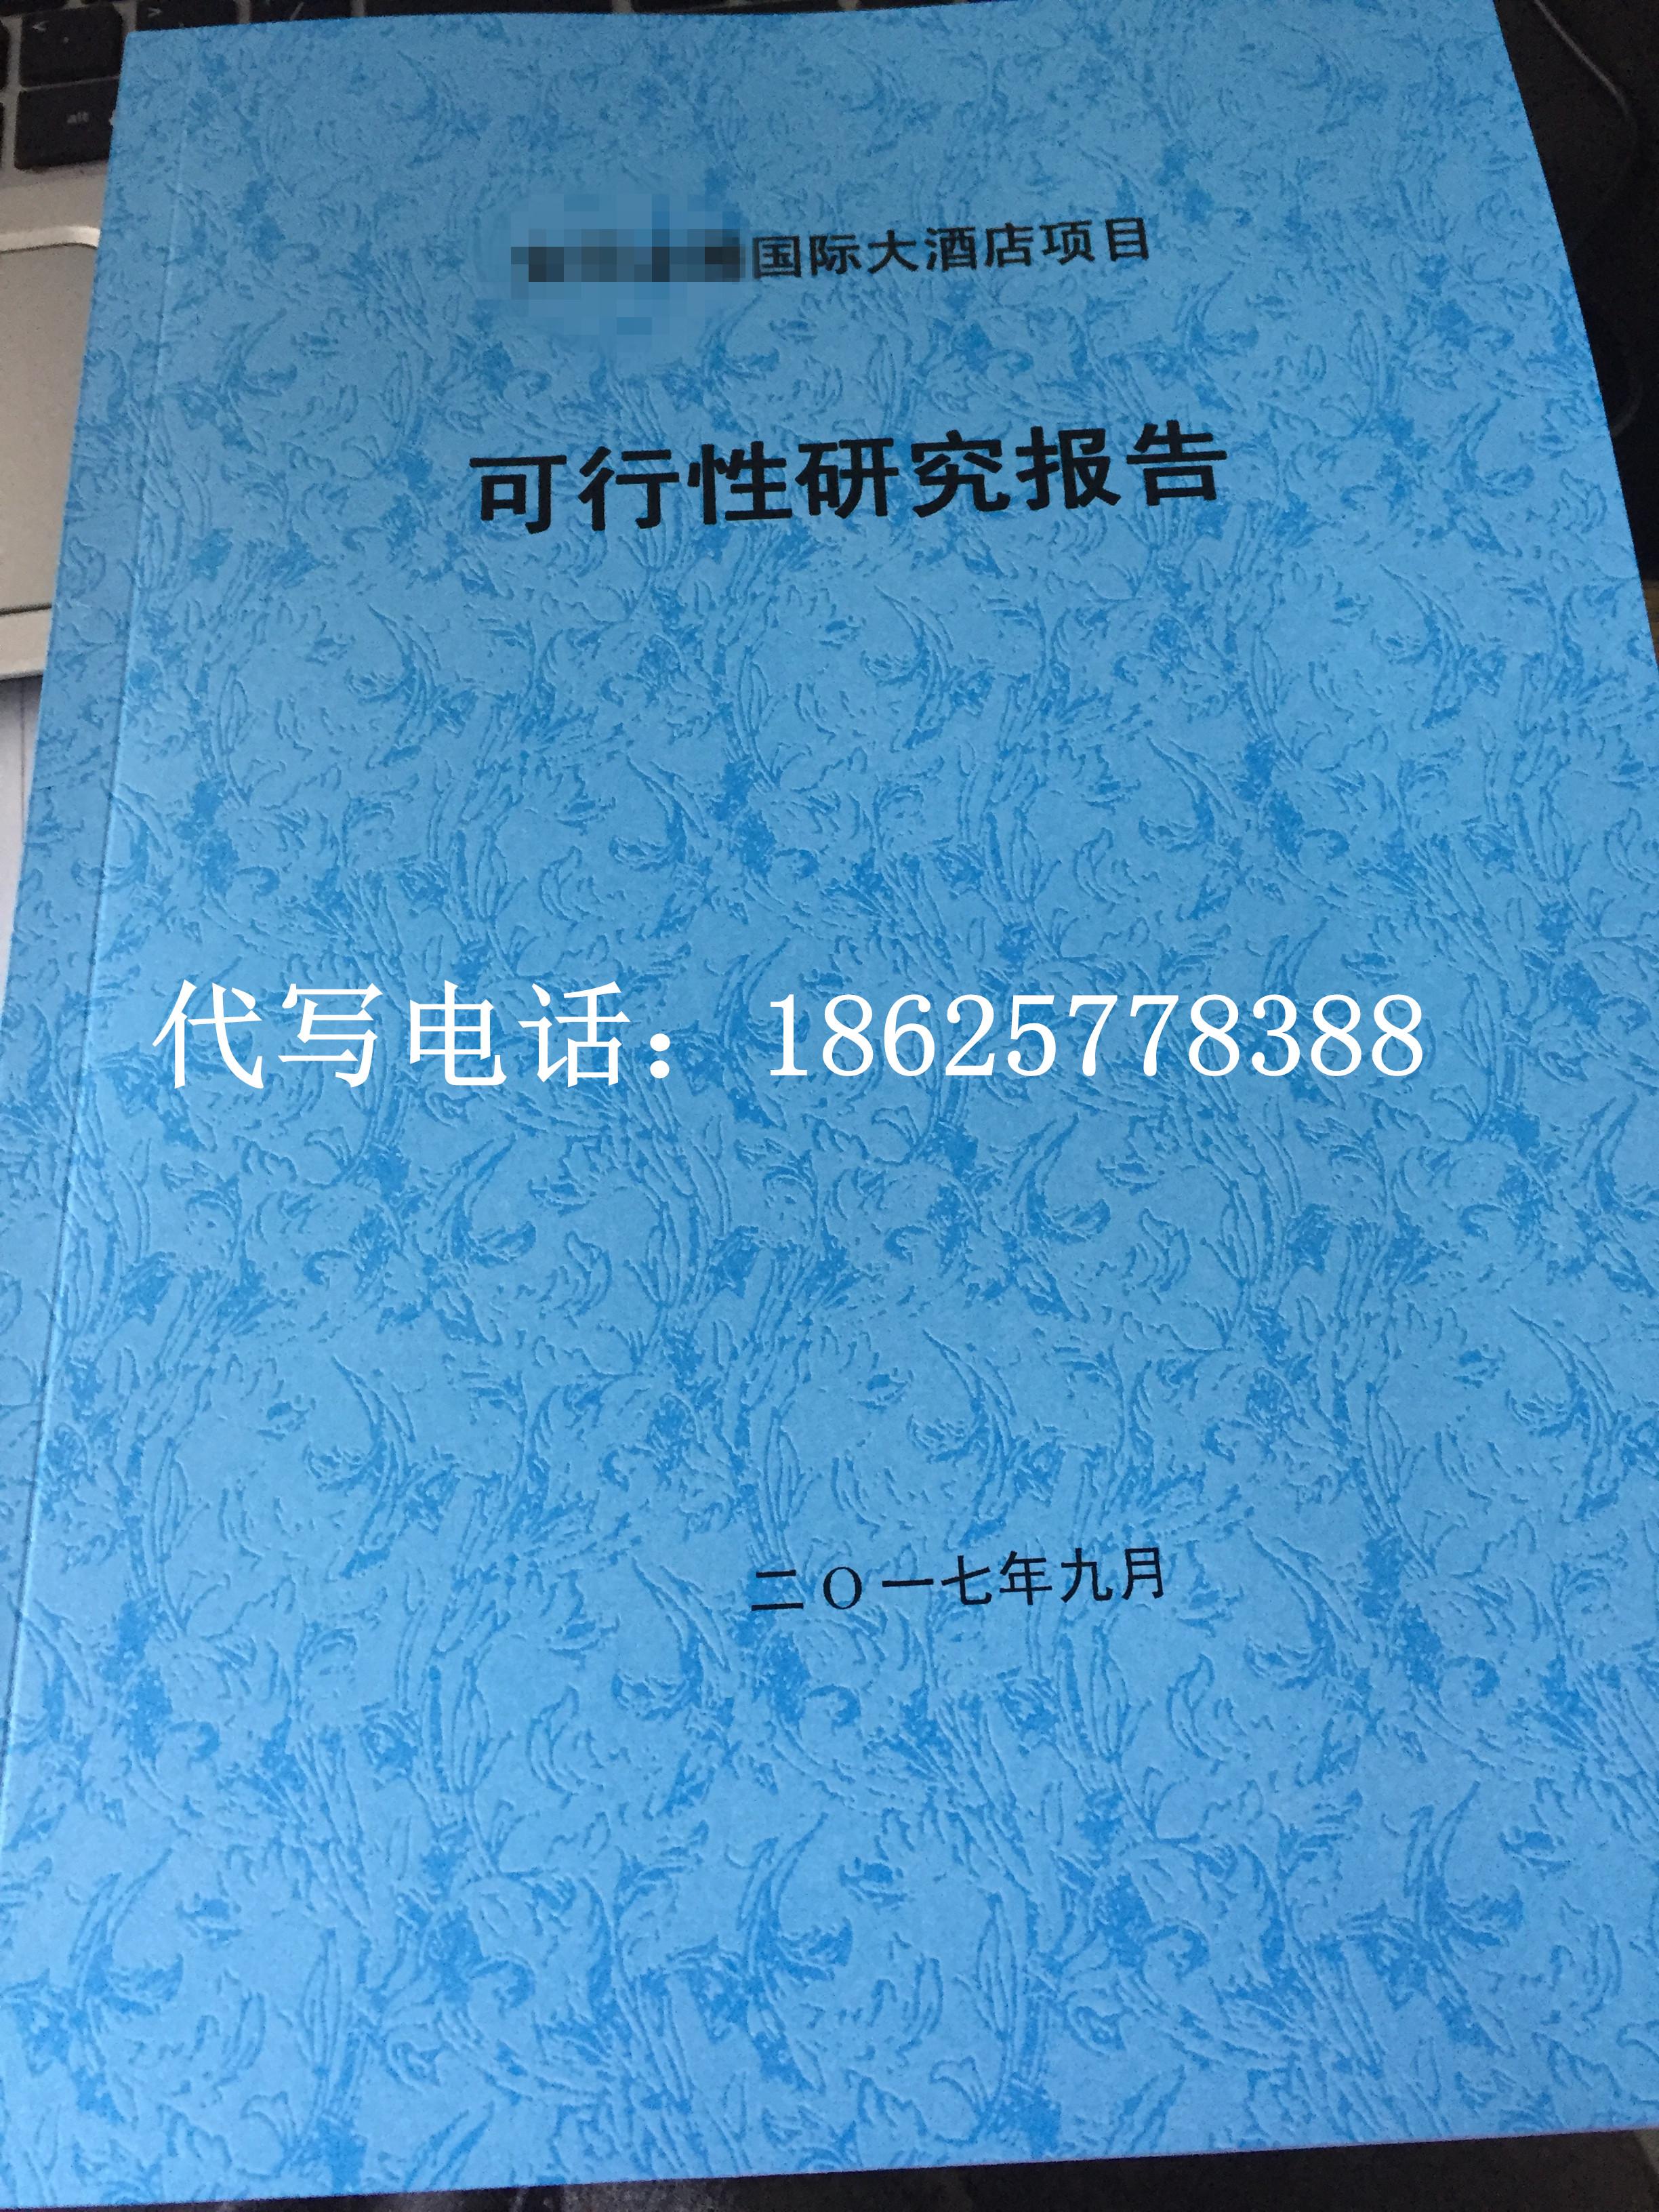 广元快速代写标书后期免费修改